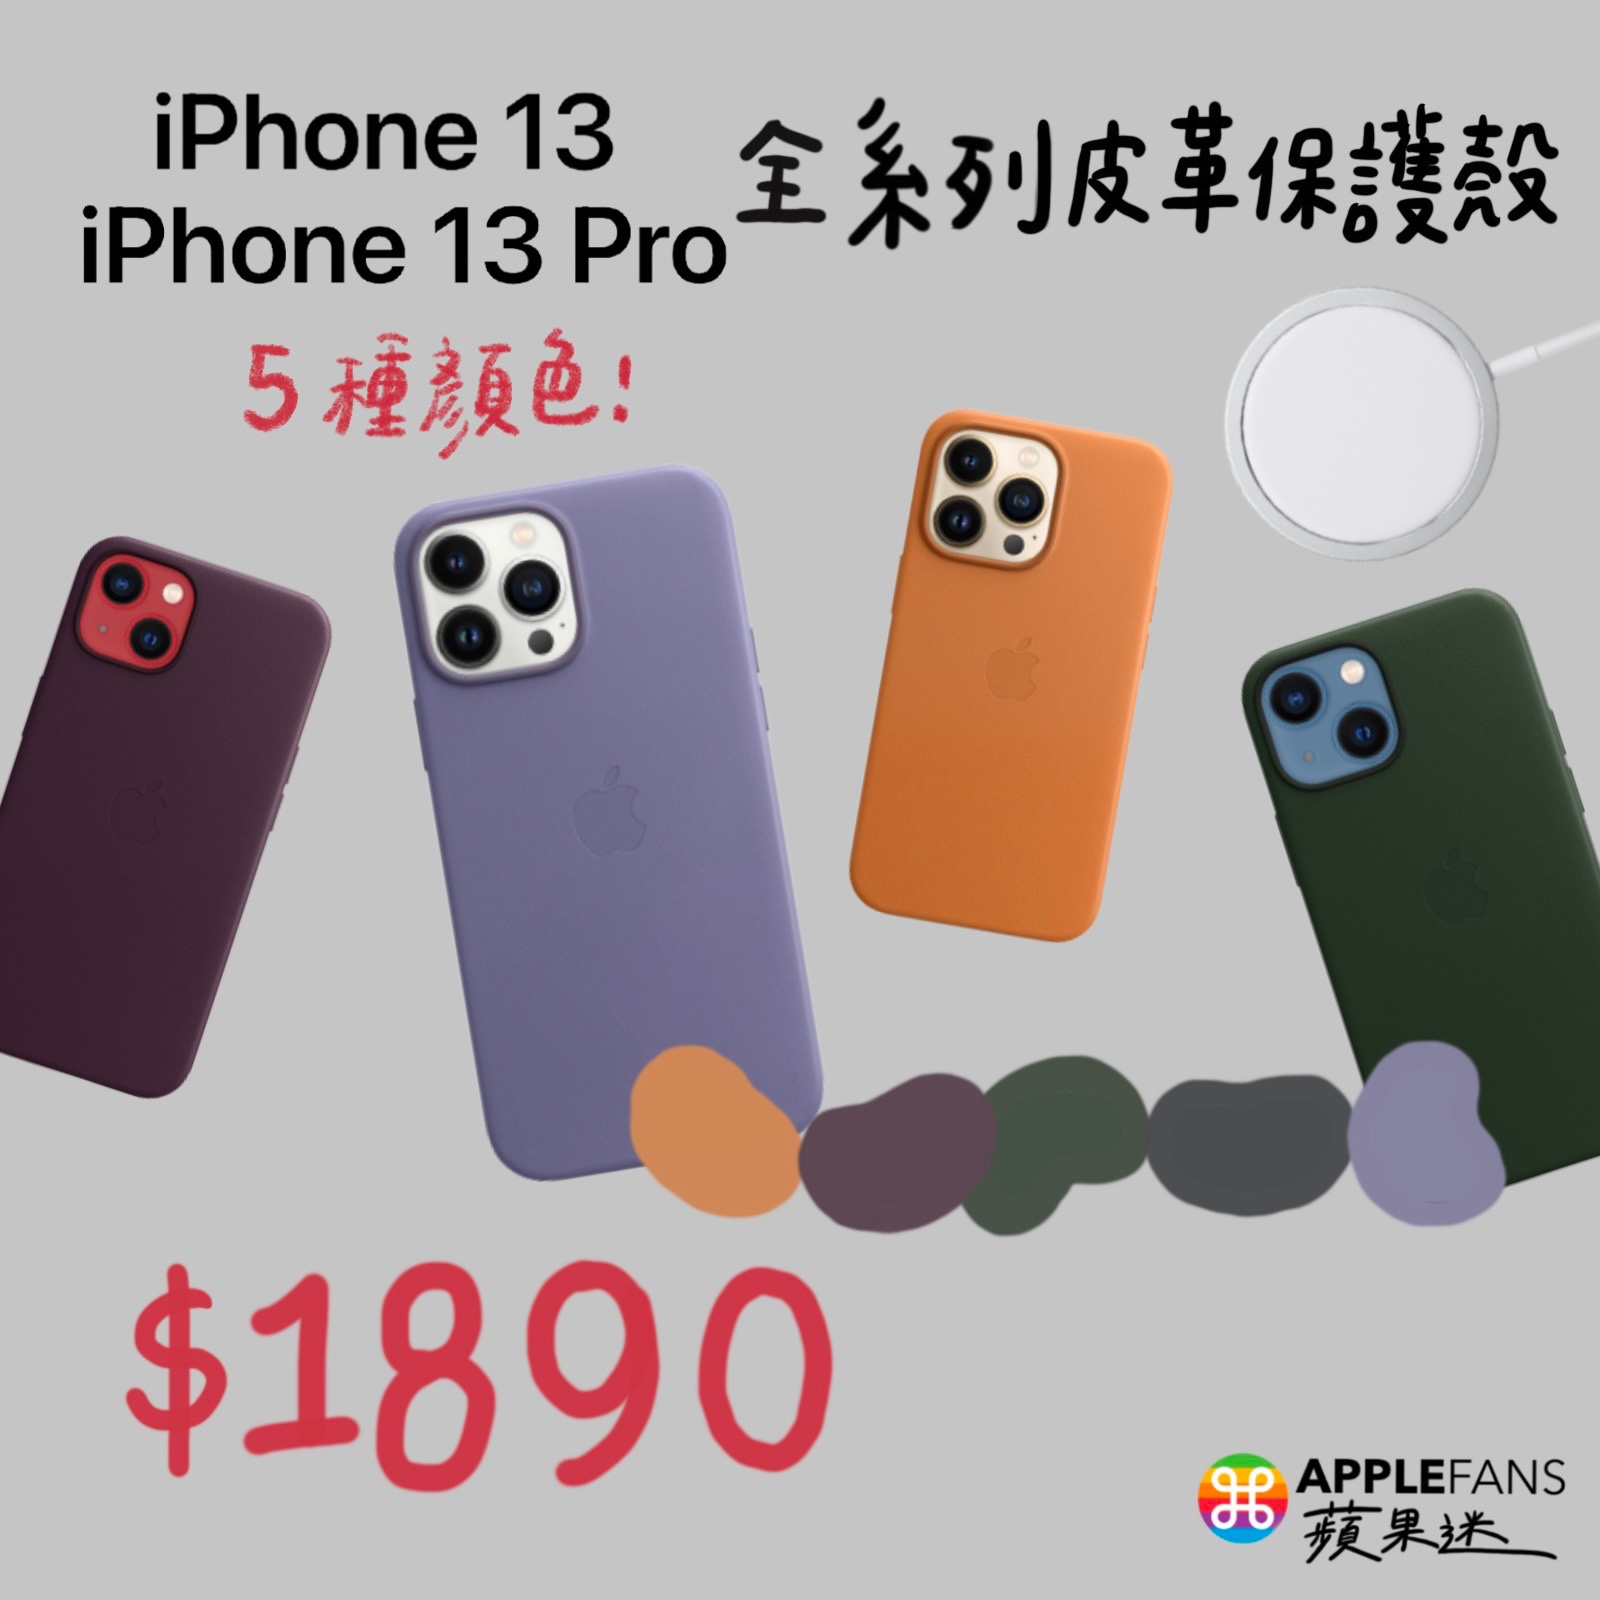 iPhone 13 MagSafe 皮革保護殼